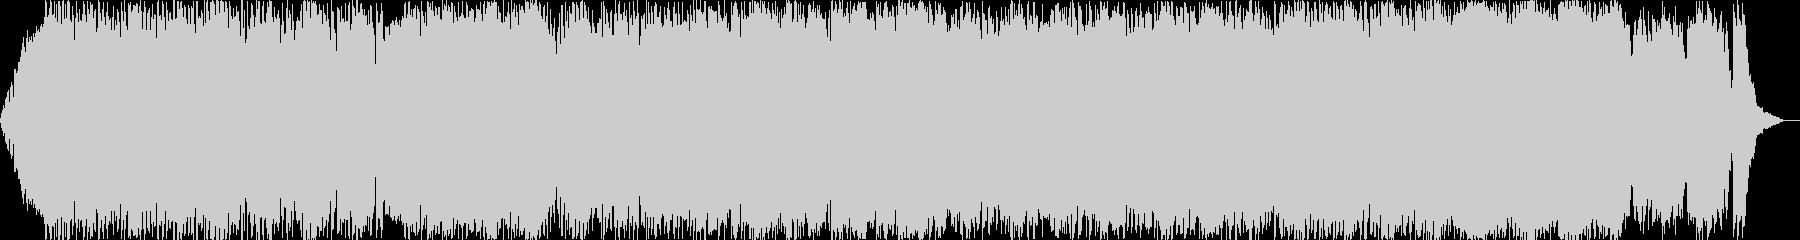 ダークファンタジーオーケストラ戦闘曲39の未再生の波形